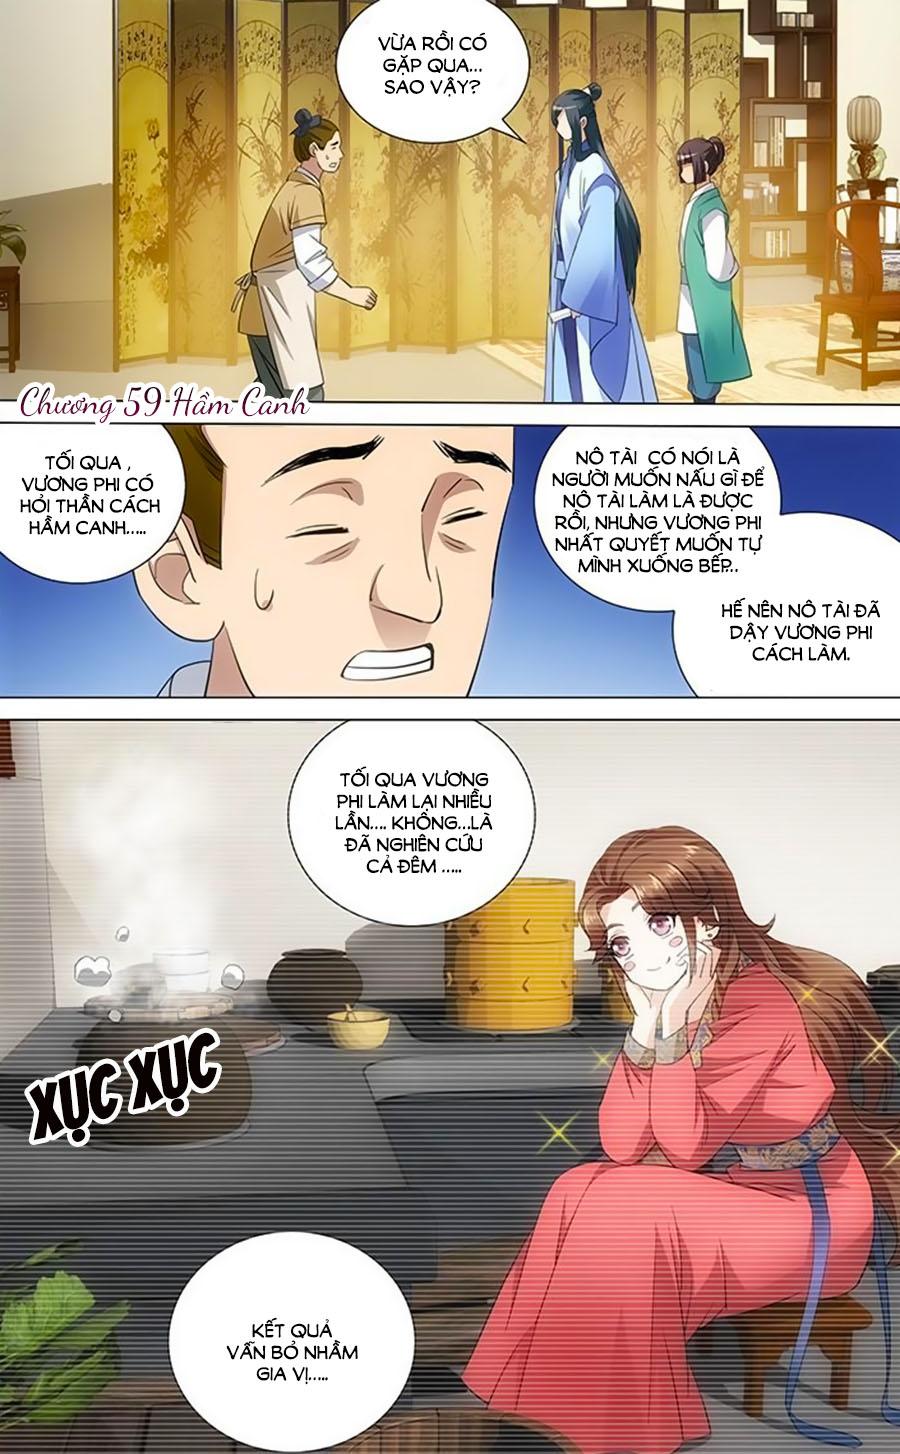 Vương Gia Không Nên A Chap 59 - Trang 1